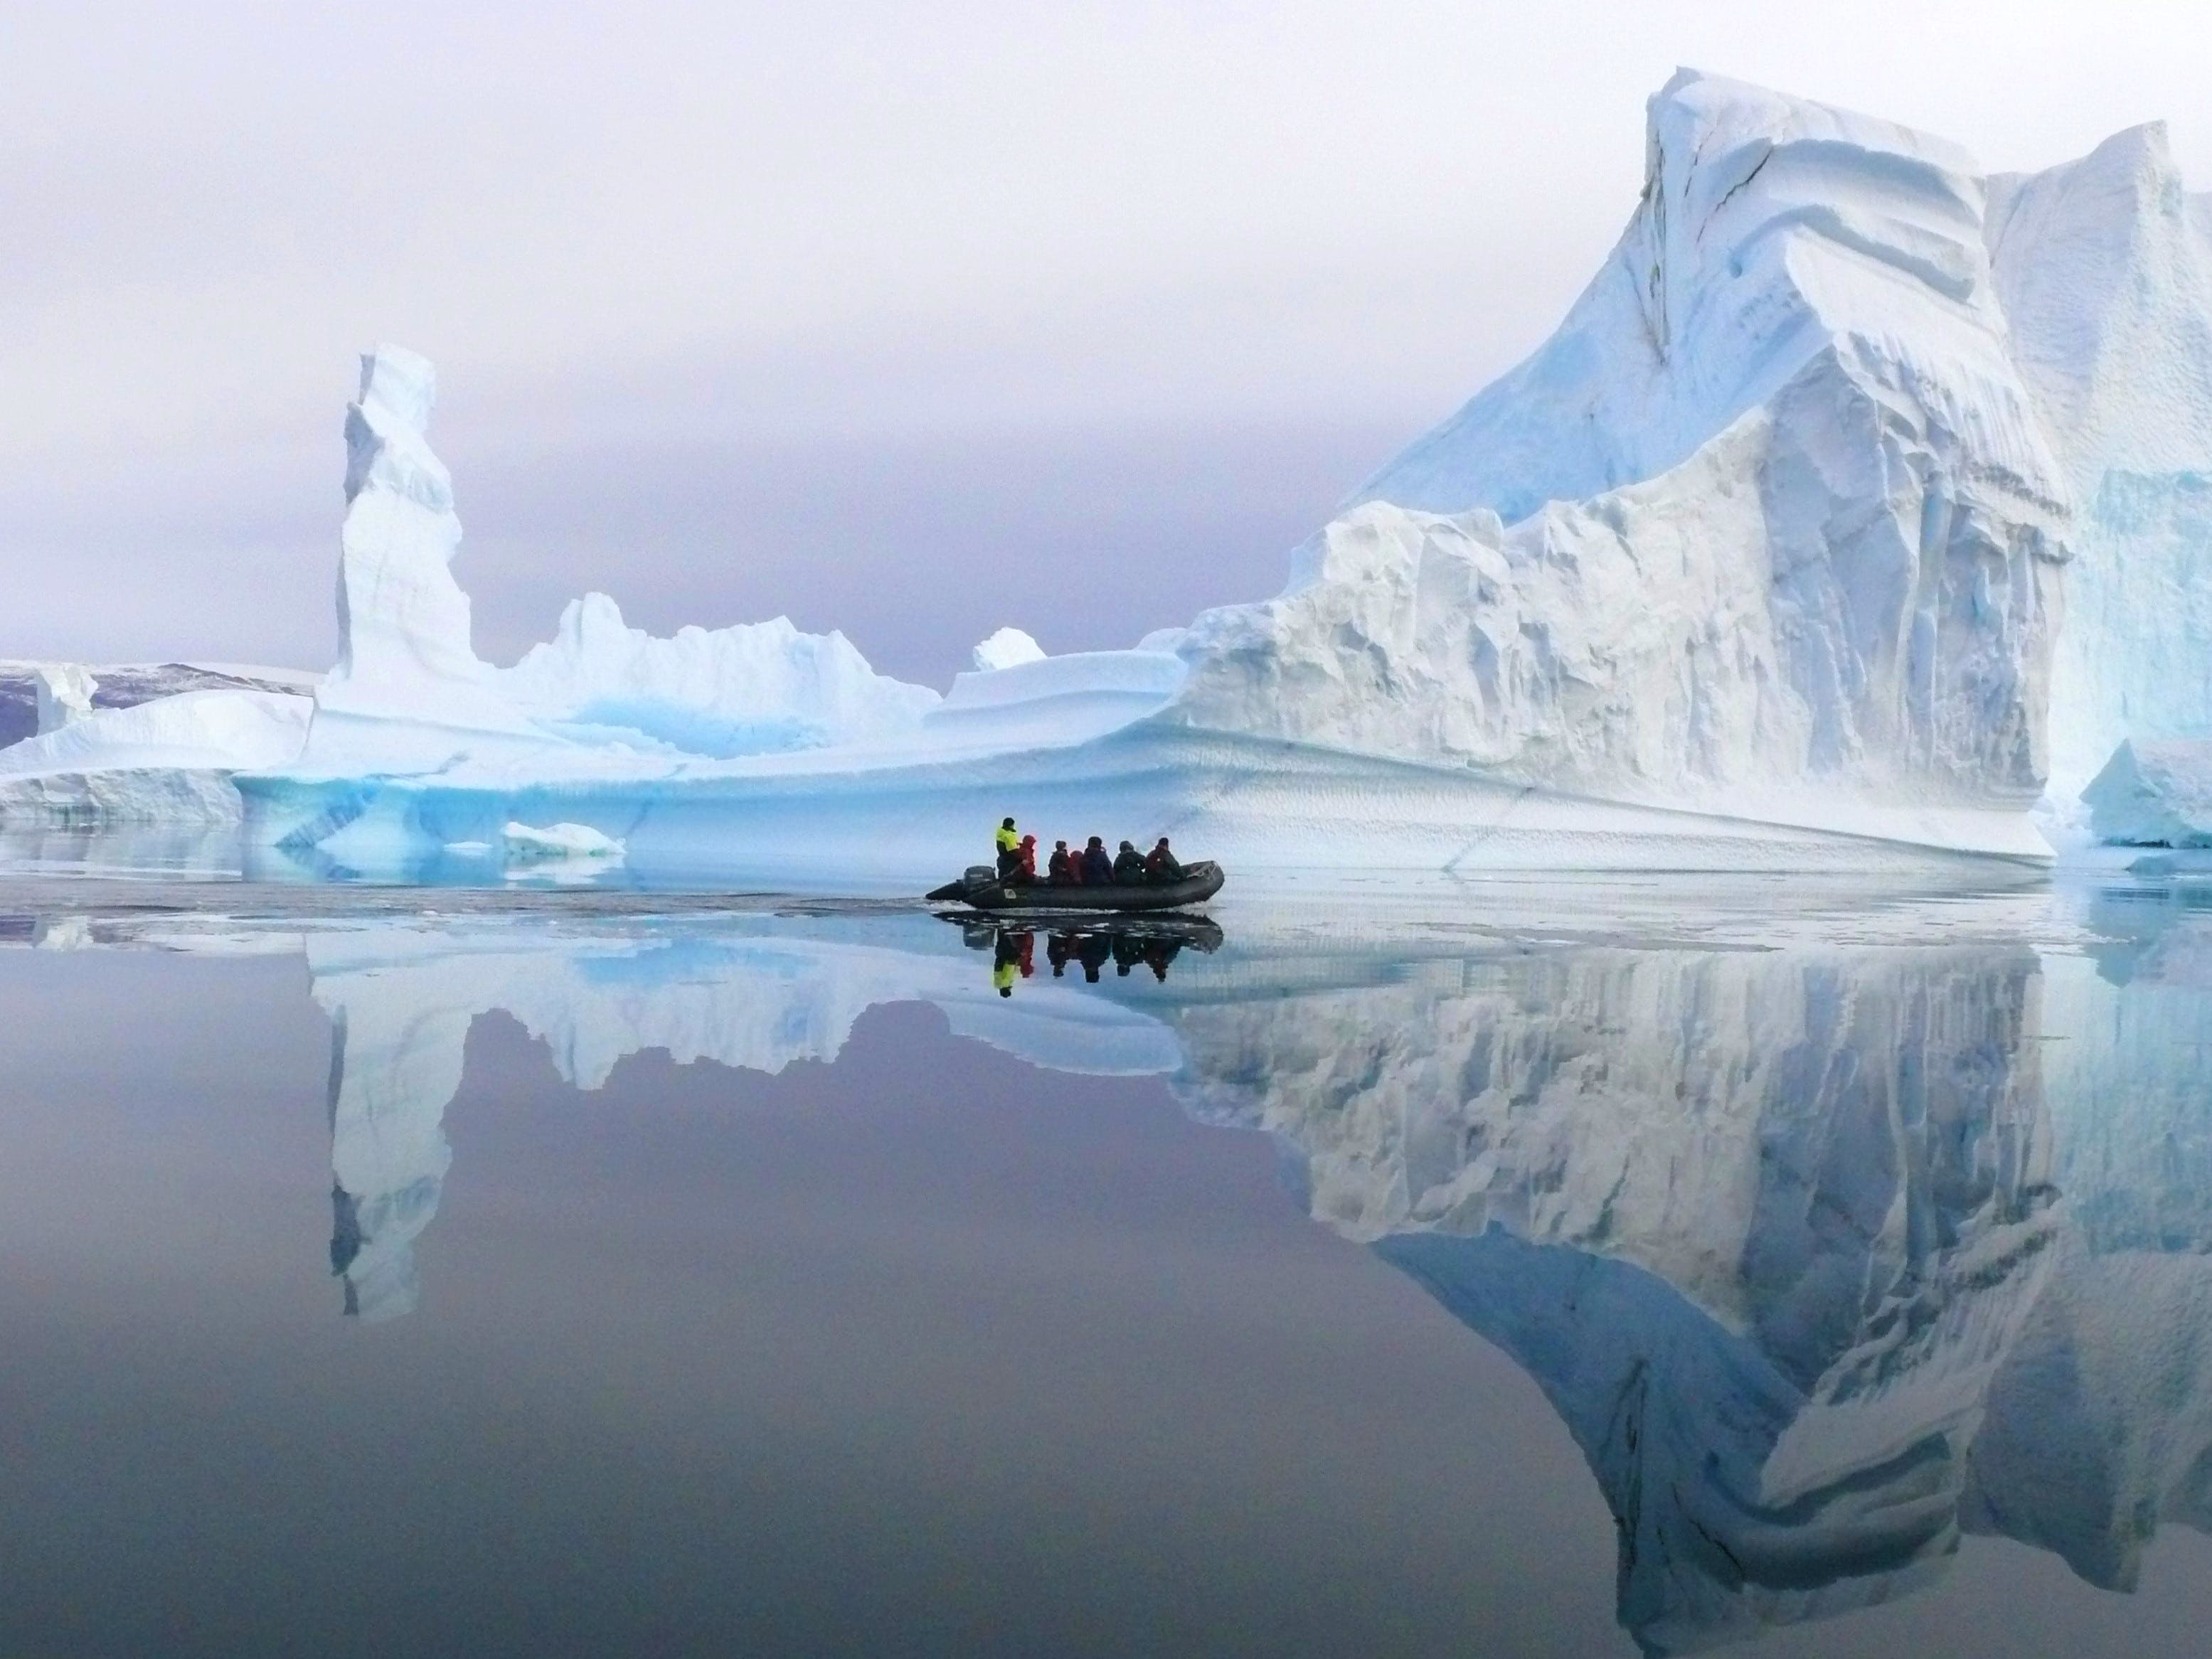 Greenland - Travel destination